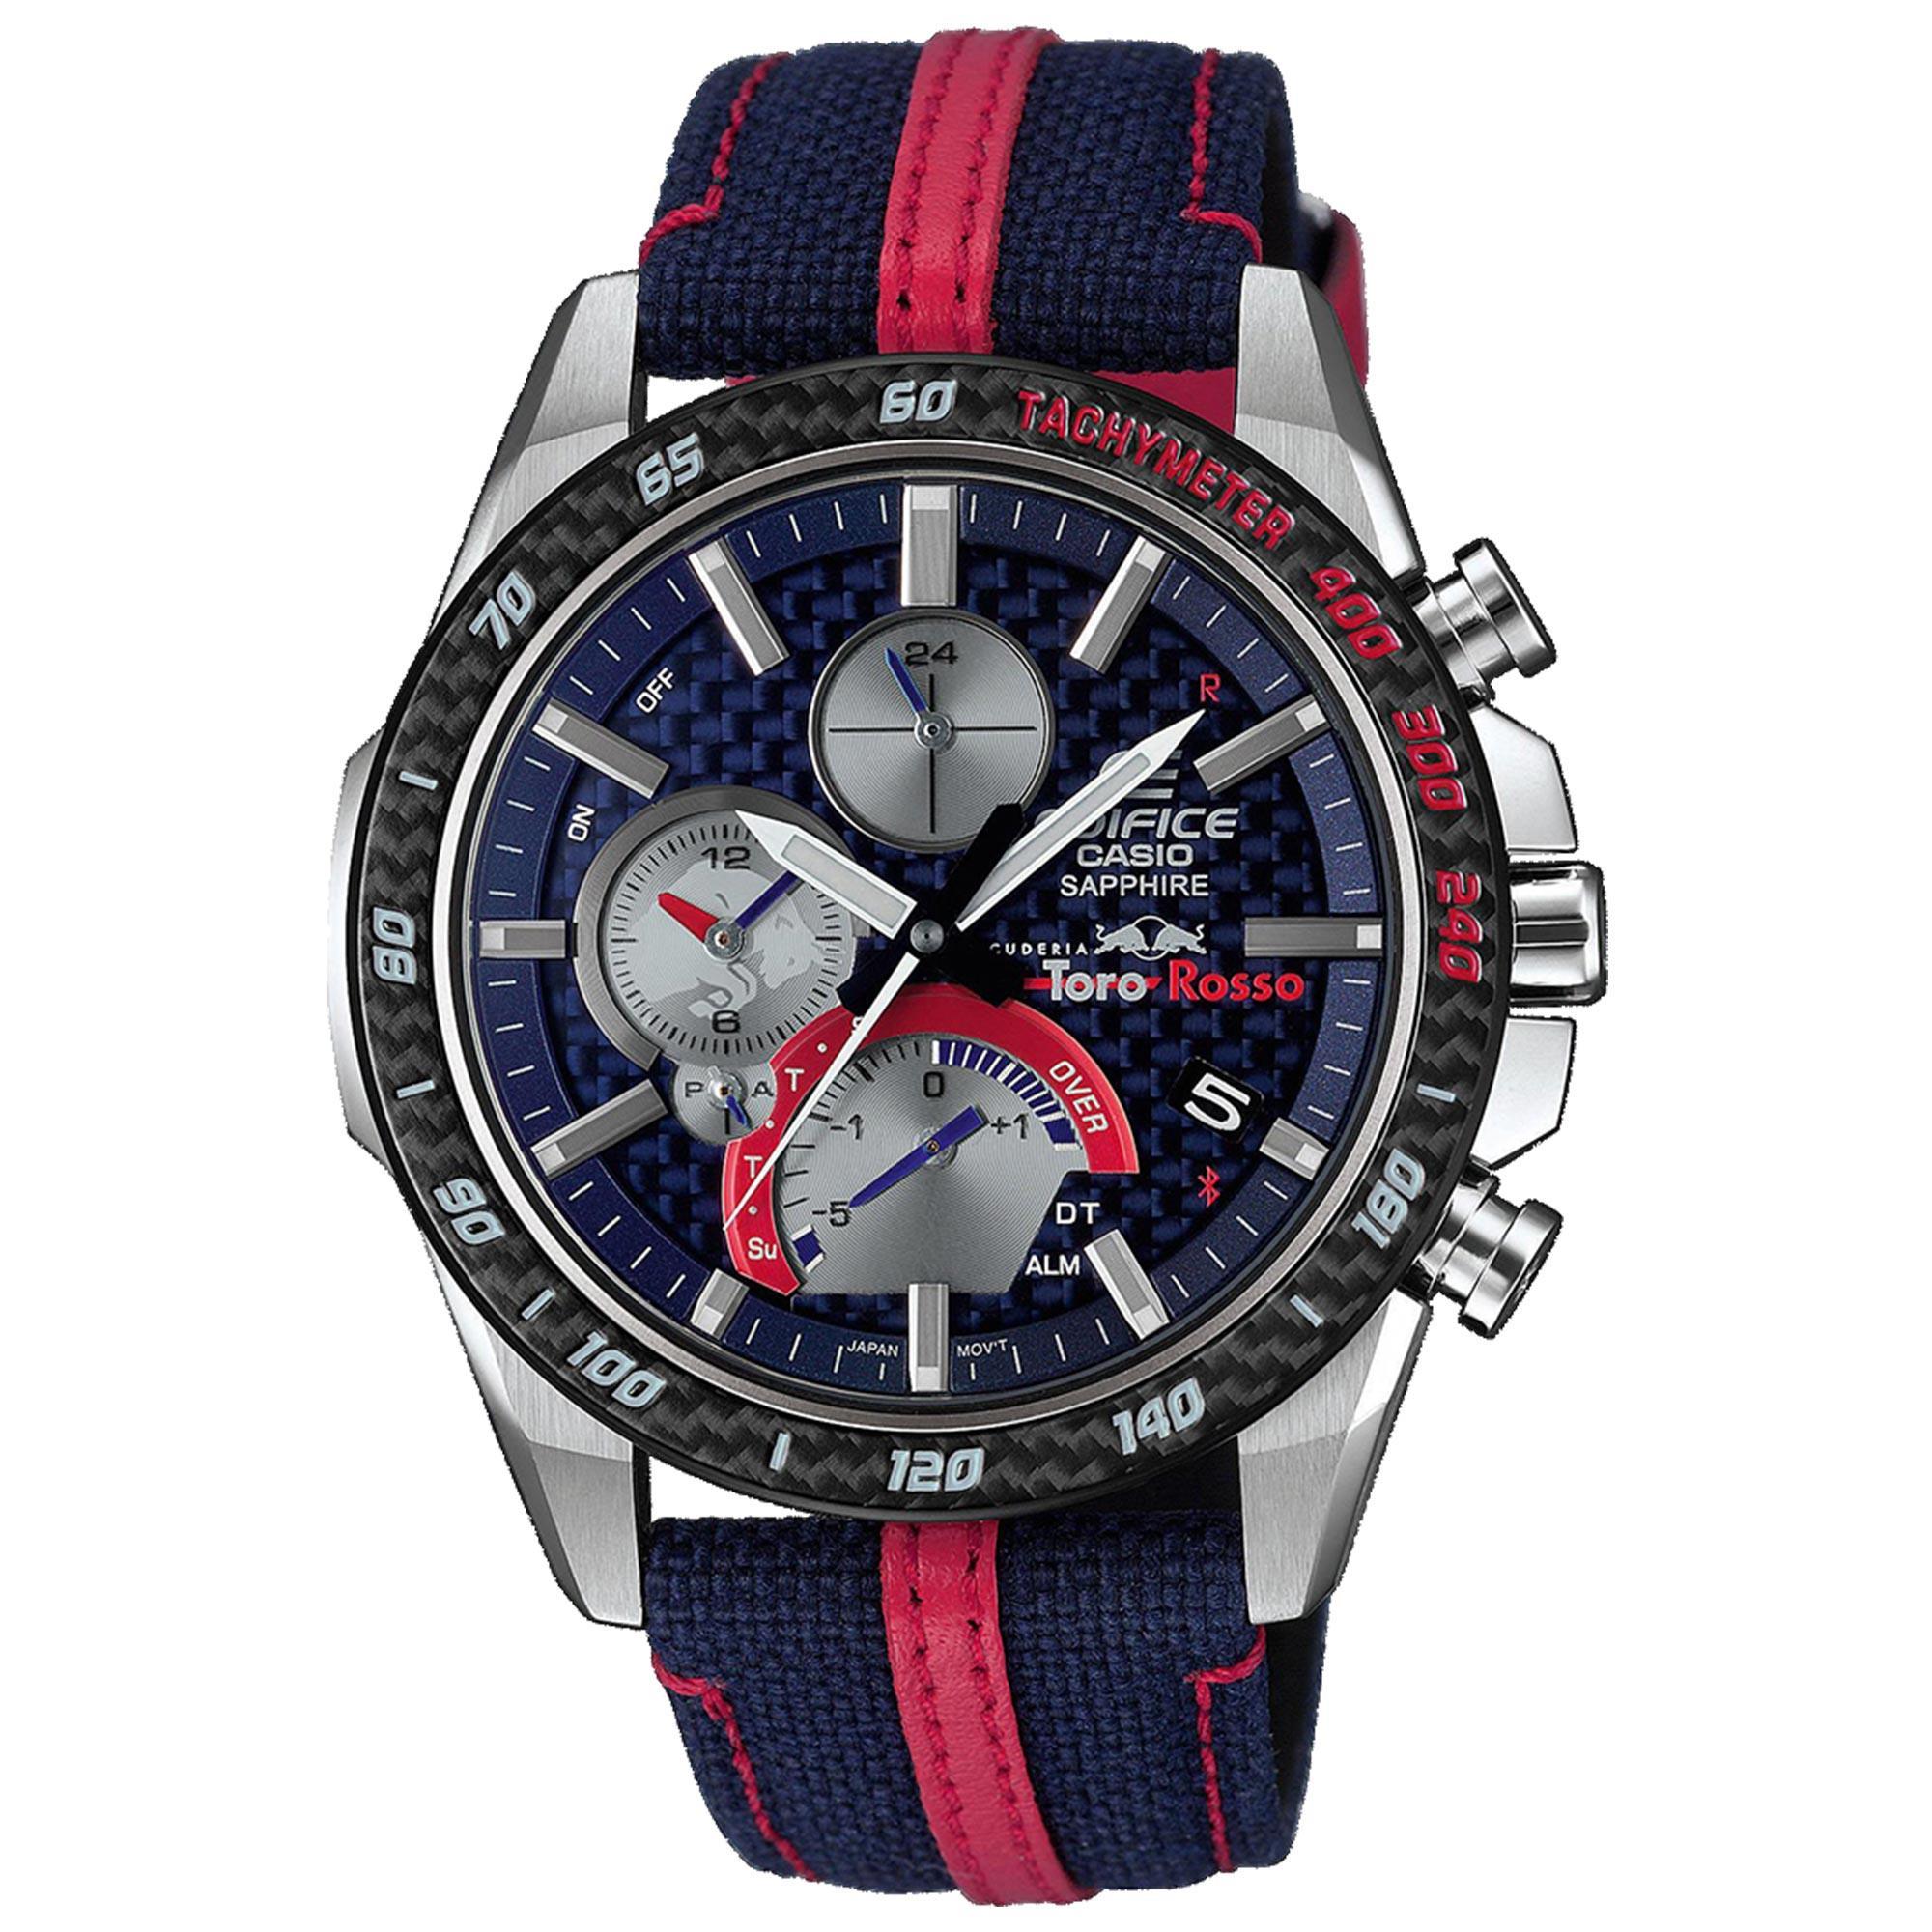 Casio Edifice Scuderia Toro Rosso Limited Edition Solar Blue Dial Blue Fabric Strap Men's Watch EQB-1000TR-2AER RRP £549